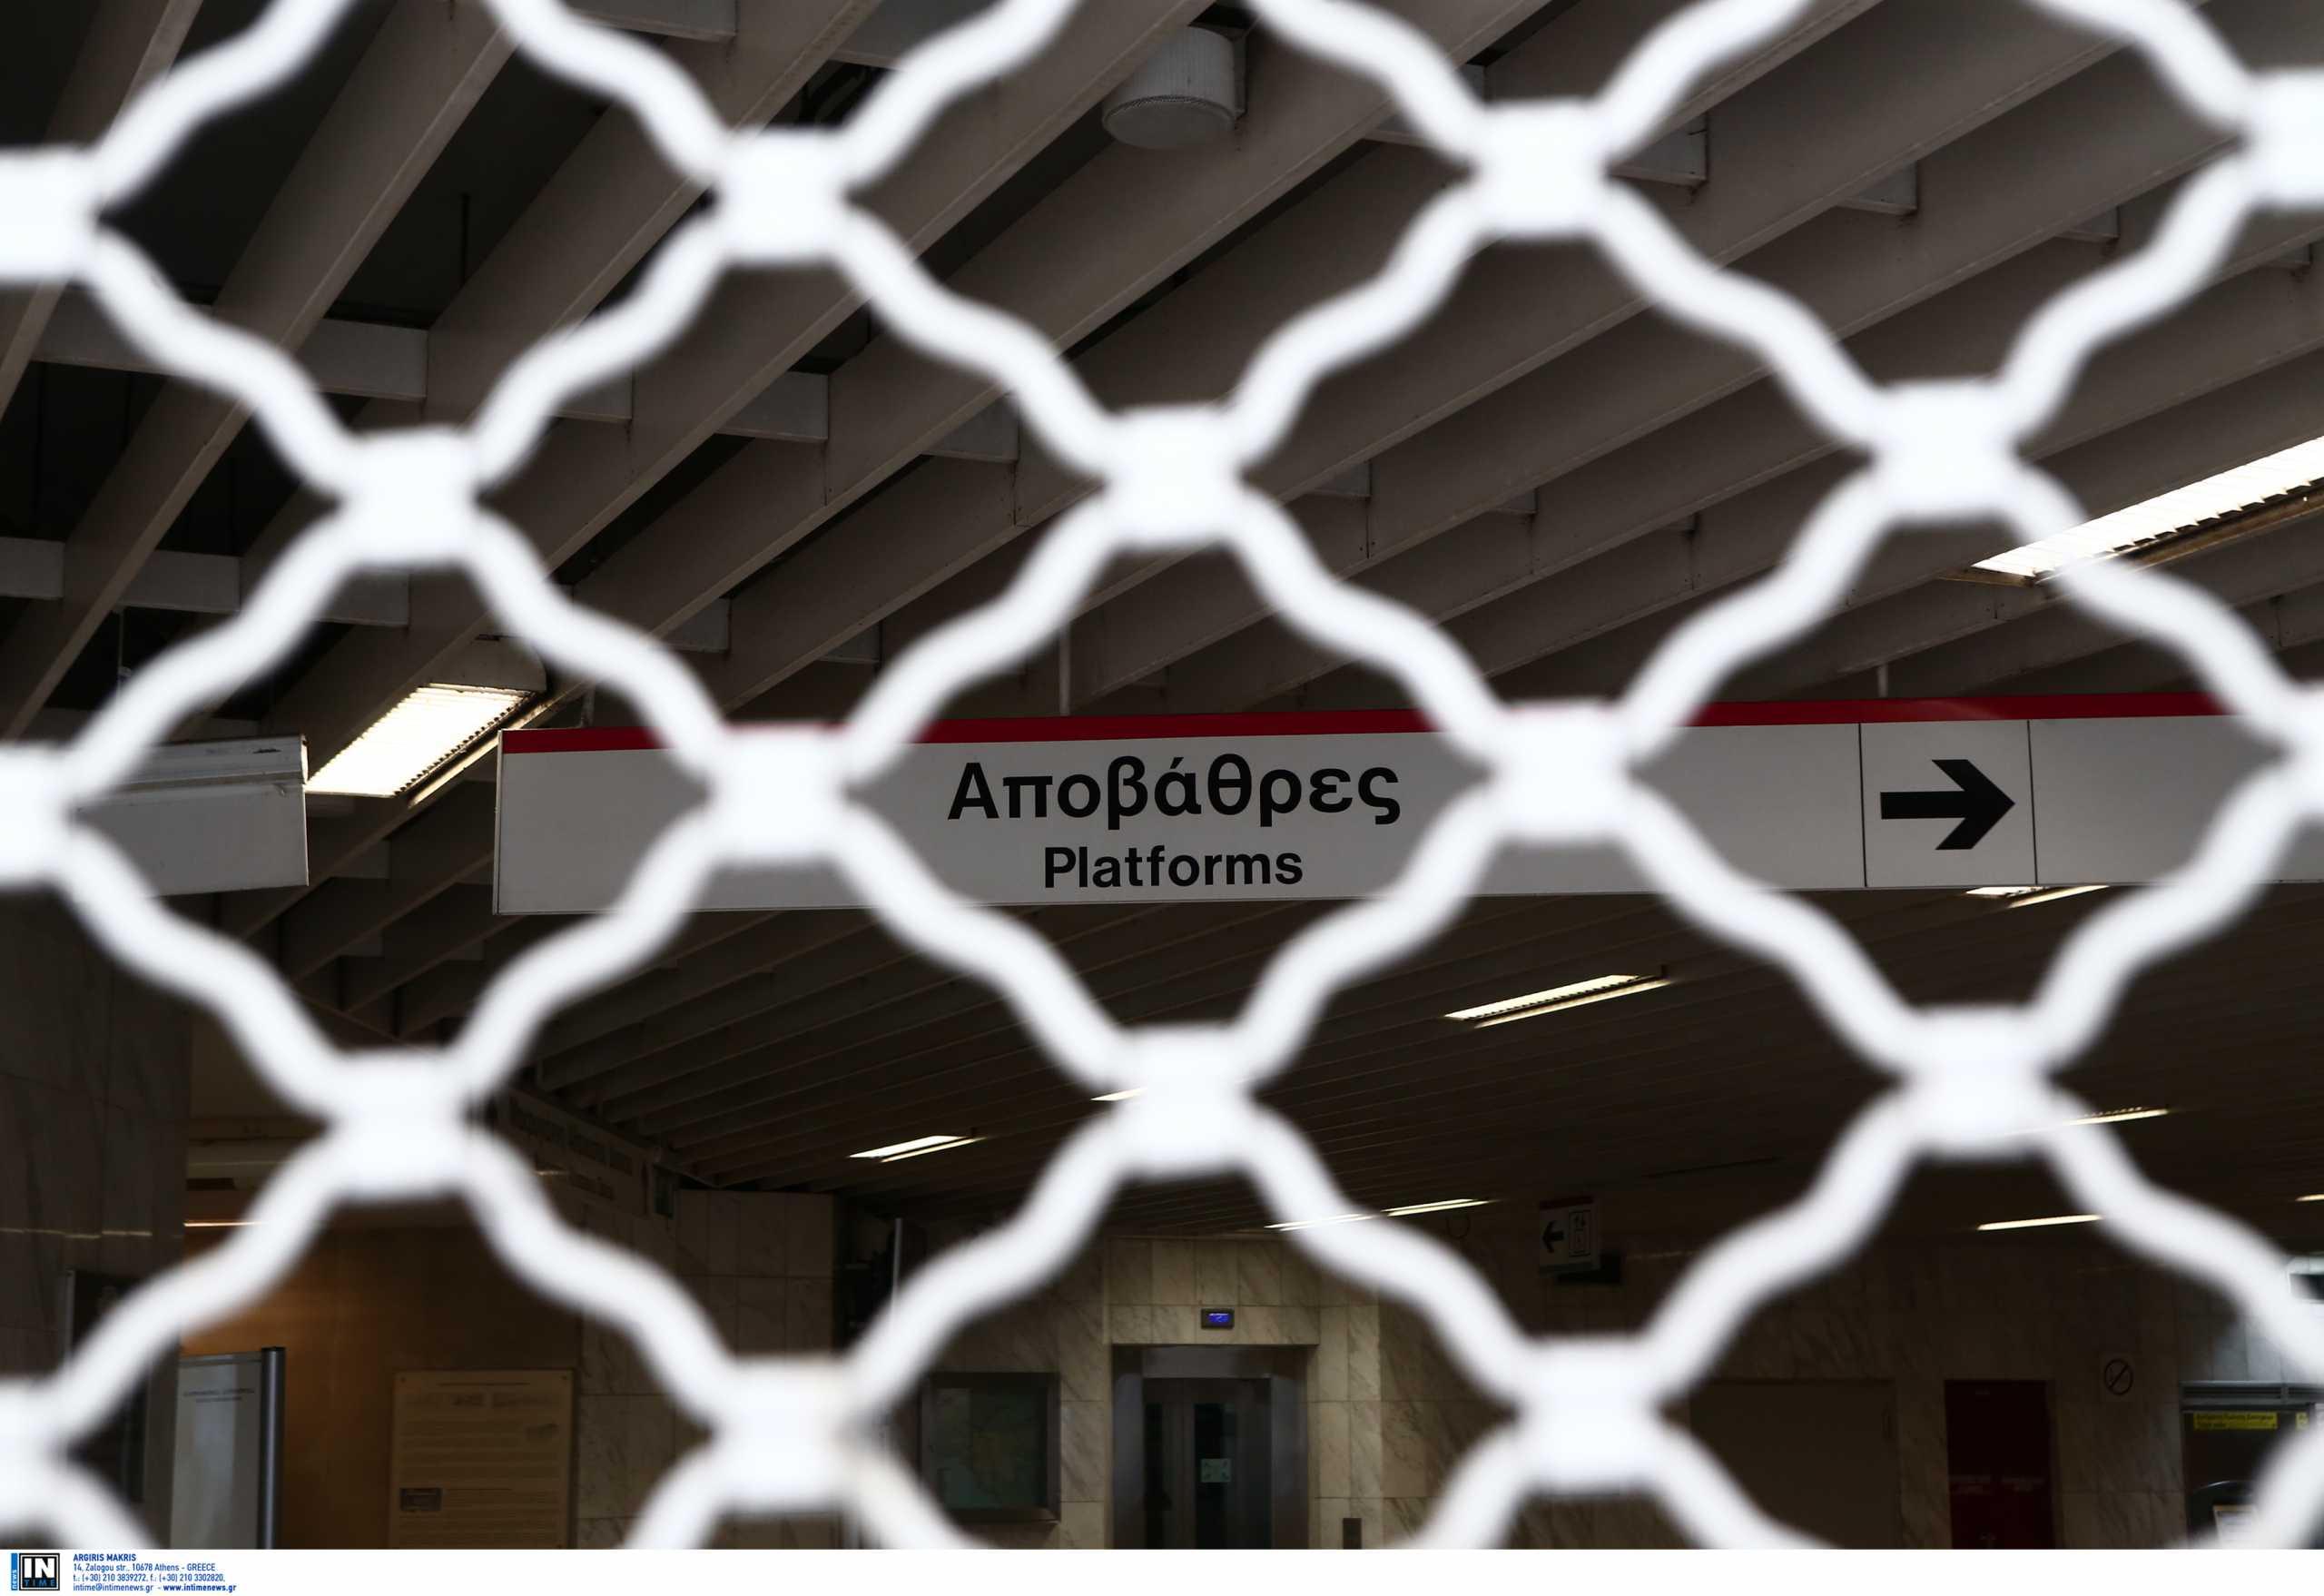 Μετρό: Στις 15.30 κλείνει τελικά ο σταθμός «Πανεπιστήμιο» – Ανοικτό το Σύνταγμα